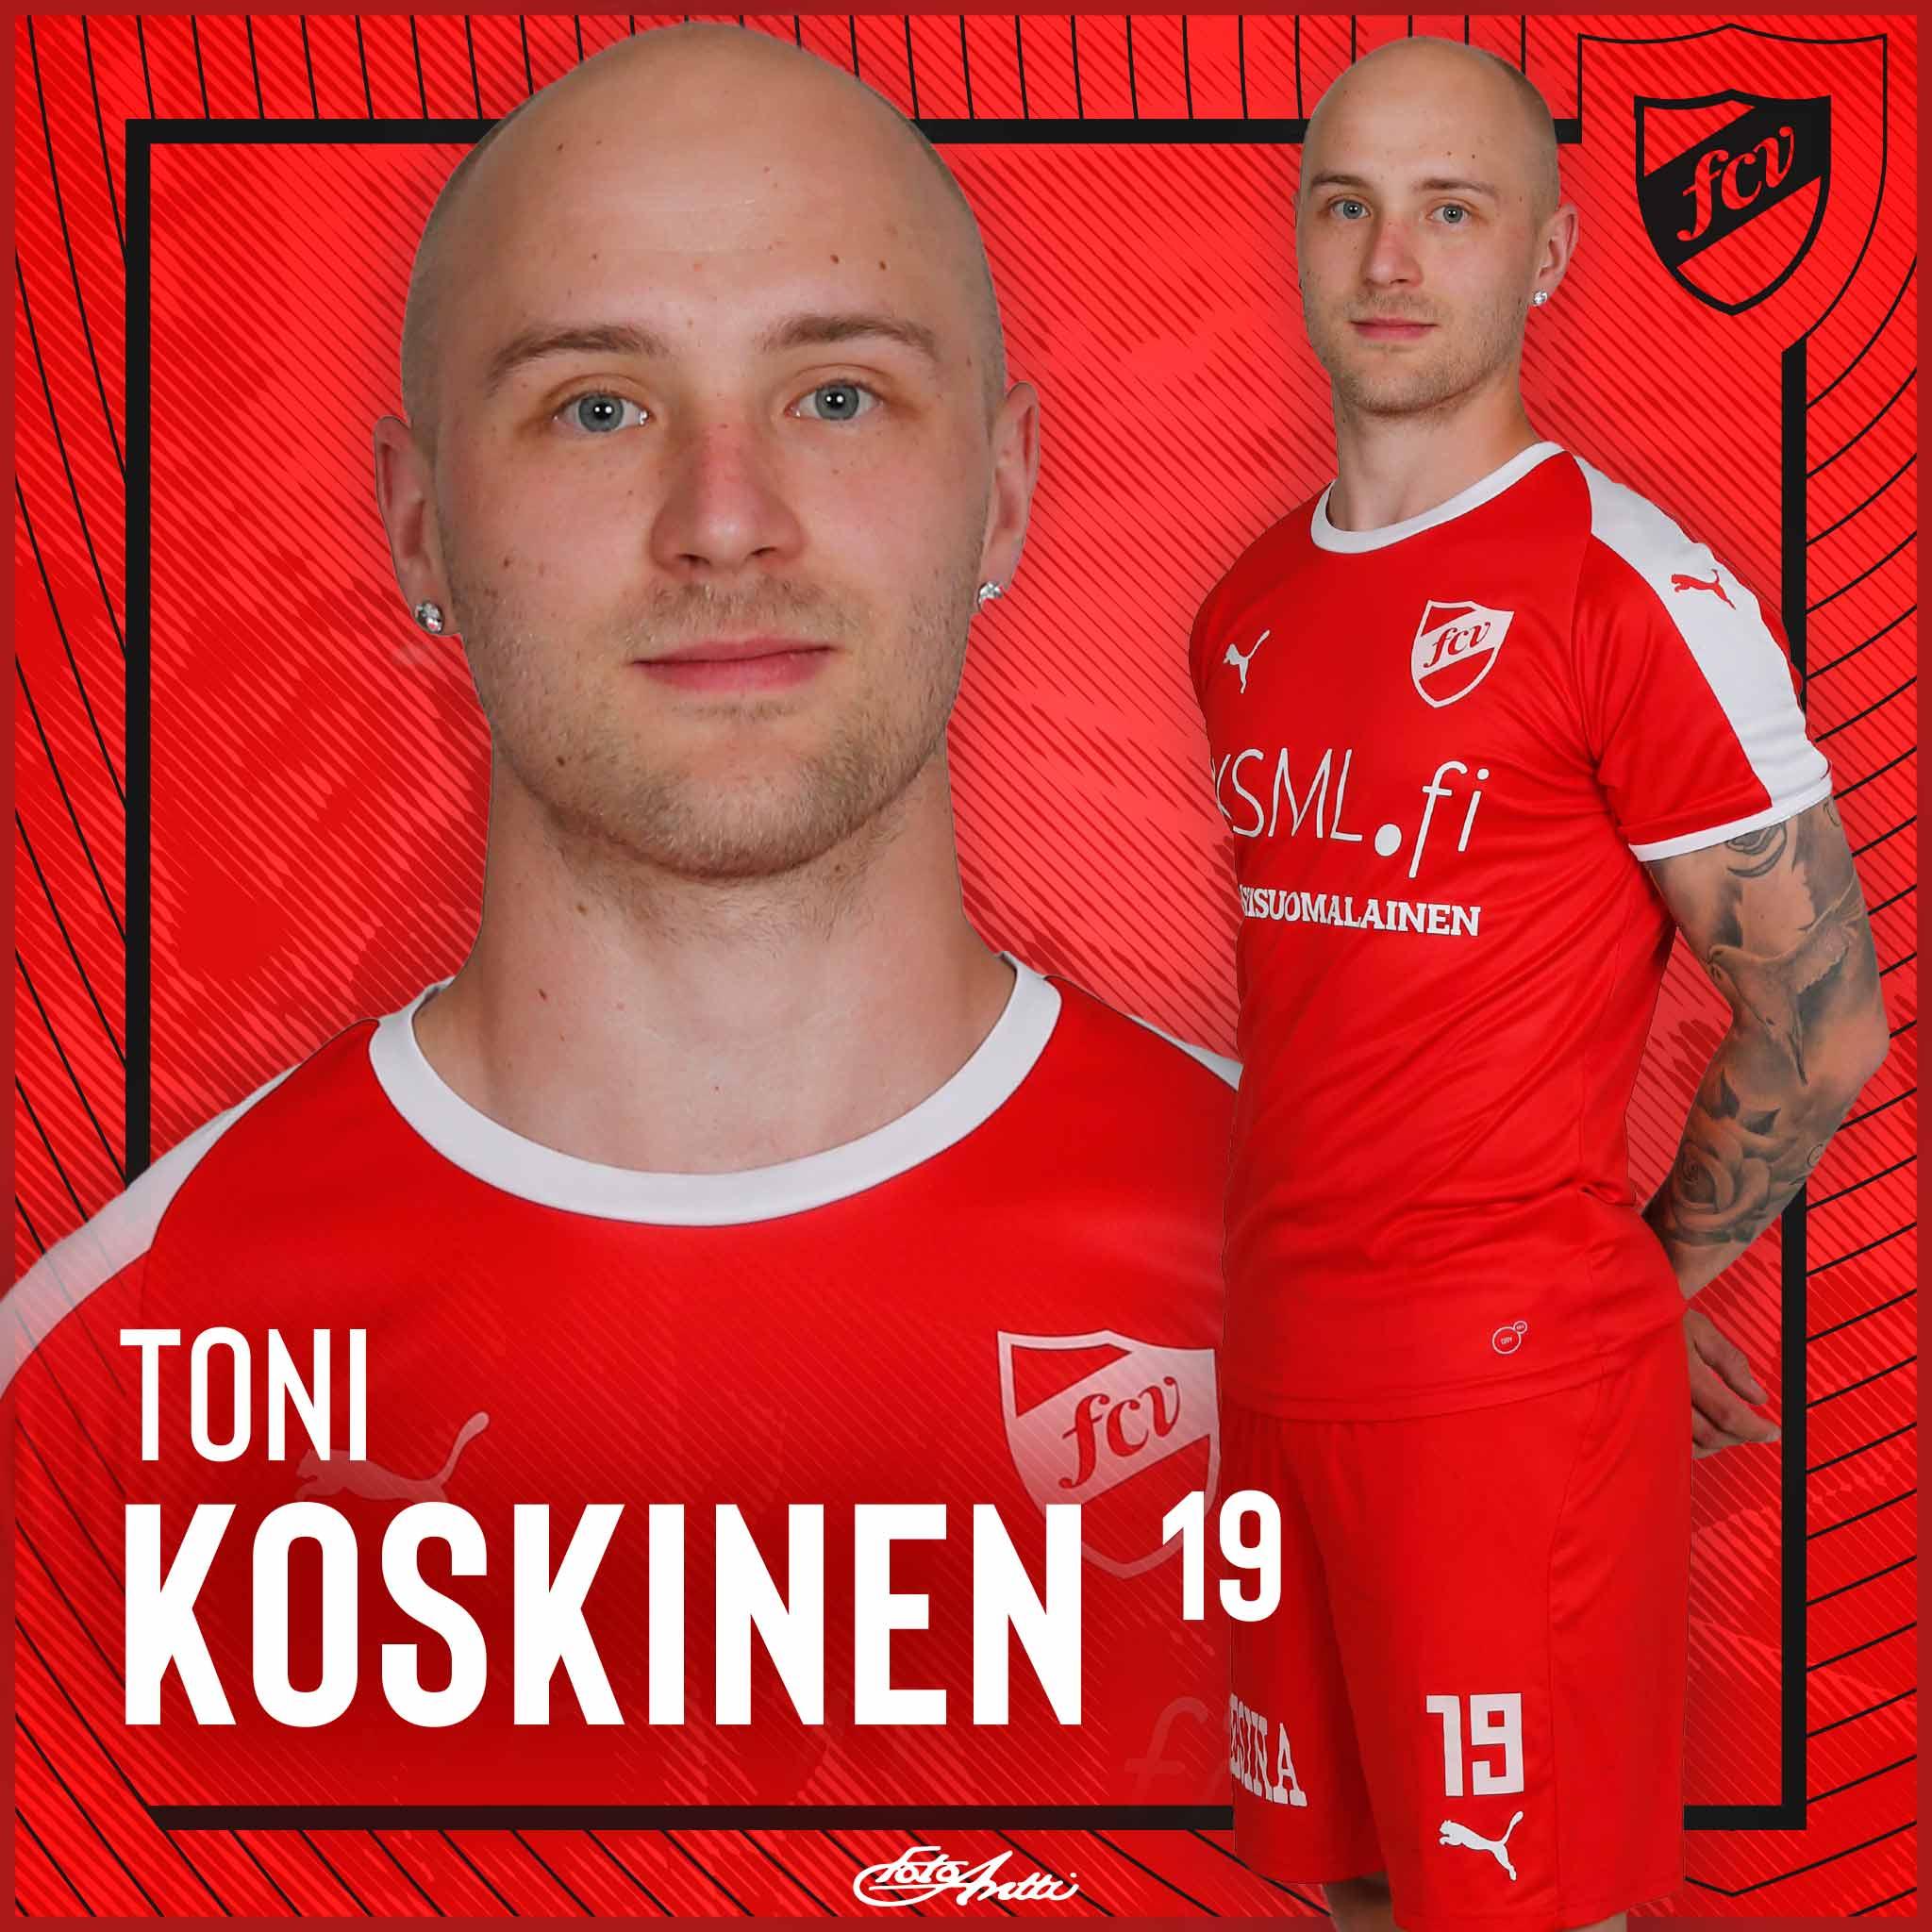 Toni Koskinen